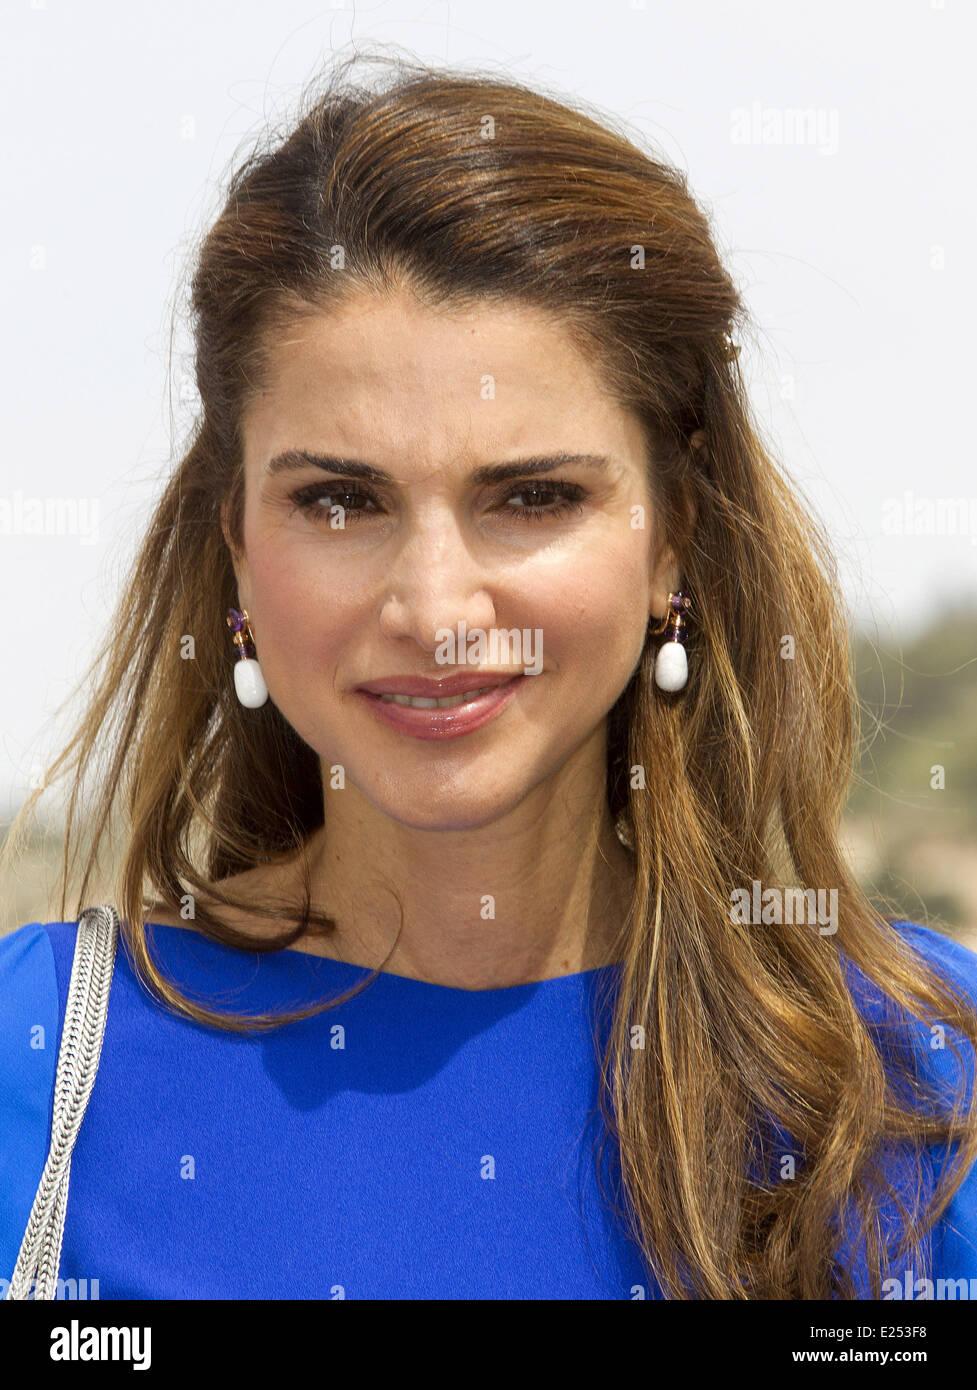 Rania Banque D Image Et Photos Page 8 Alamy